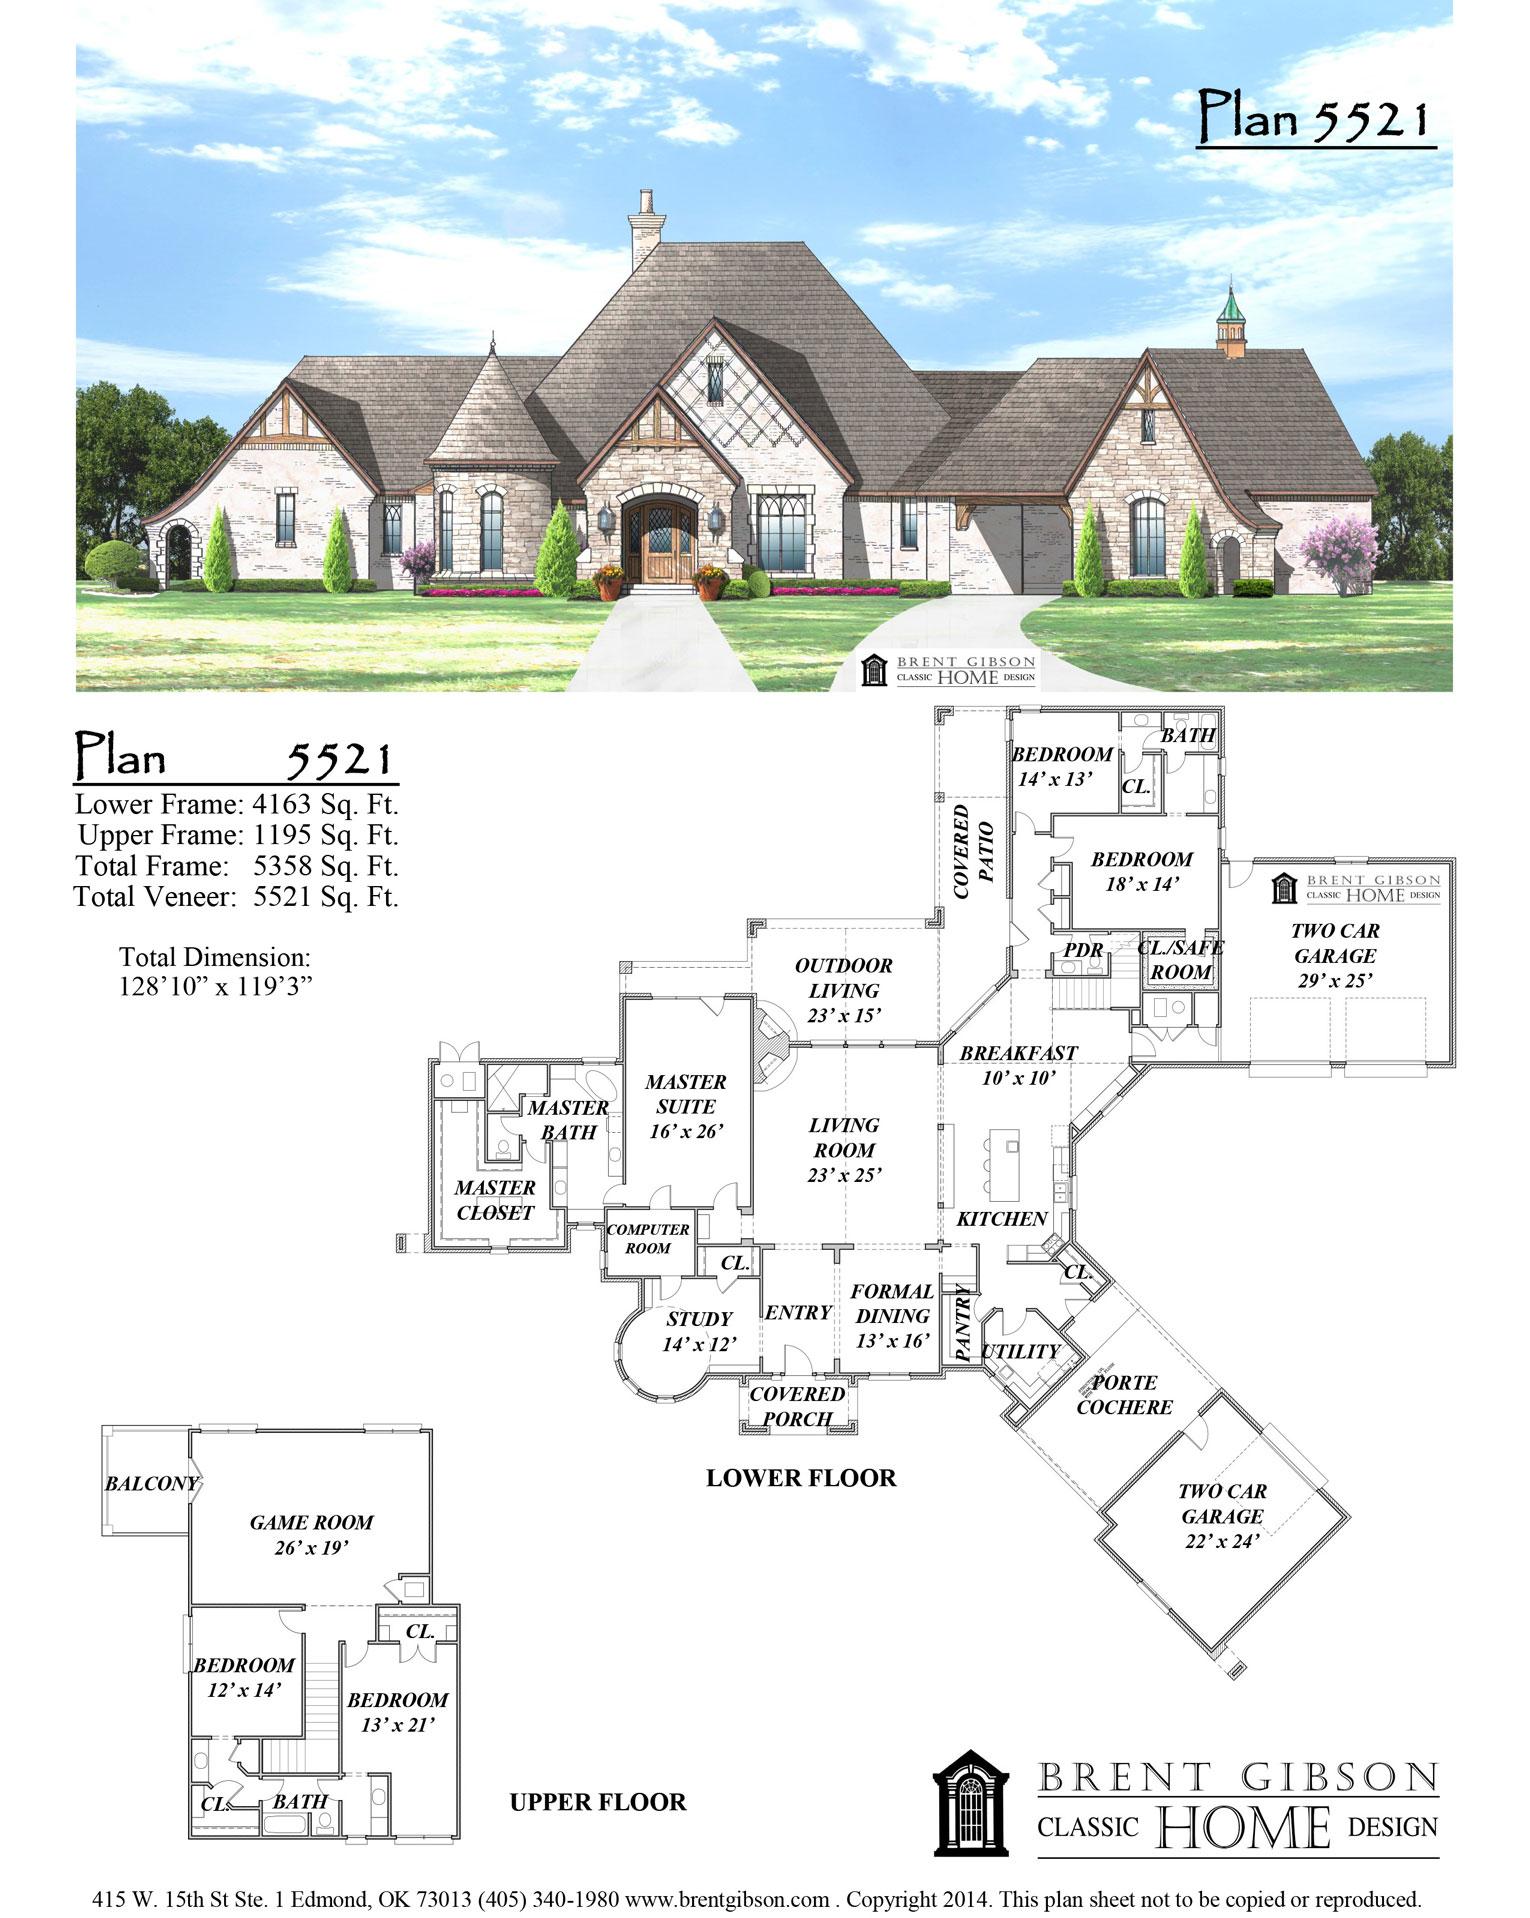 Plan 5521